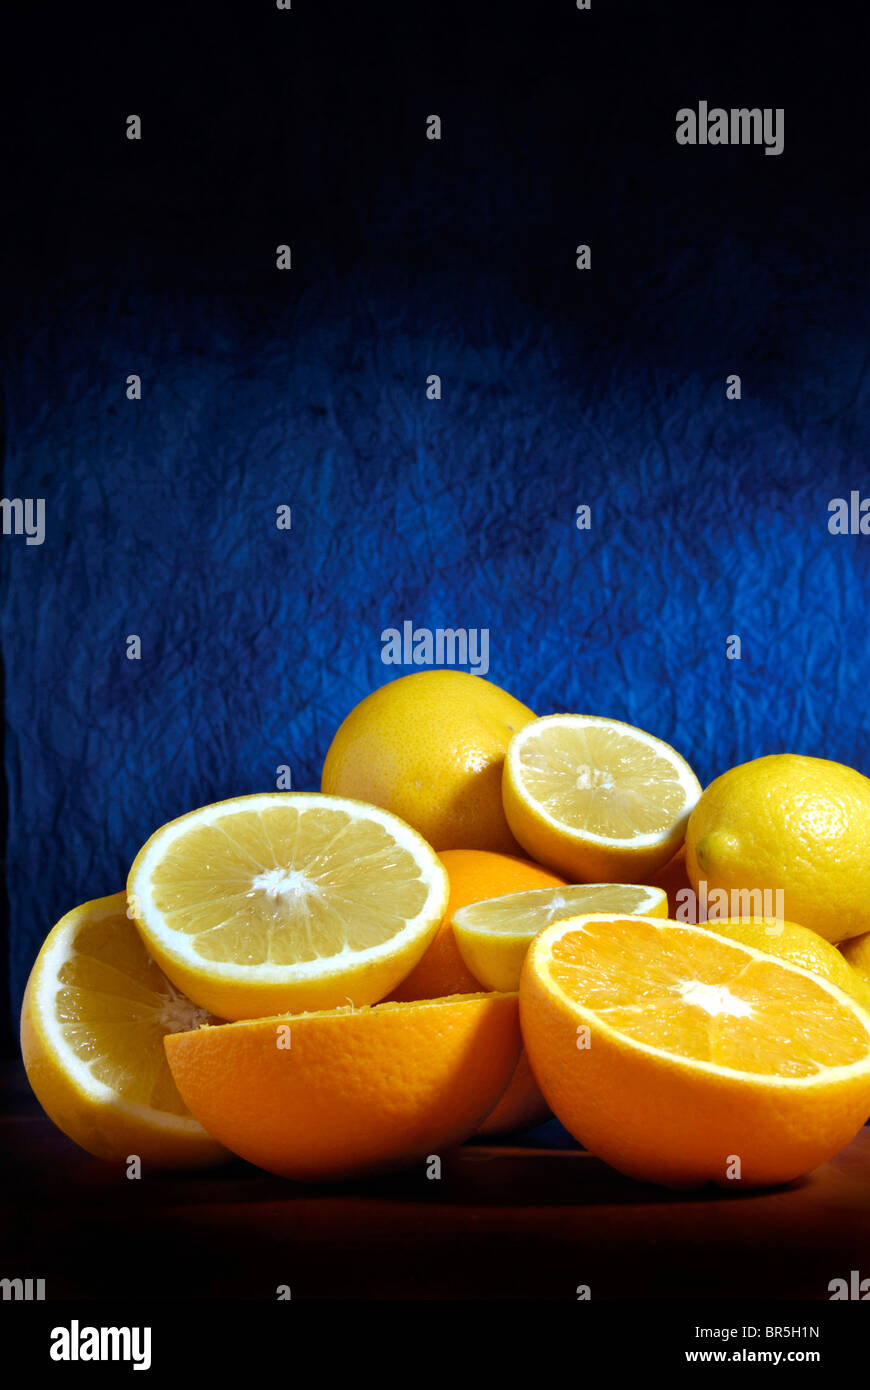 oranges and lemons fruits - Stock Image